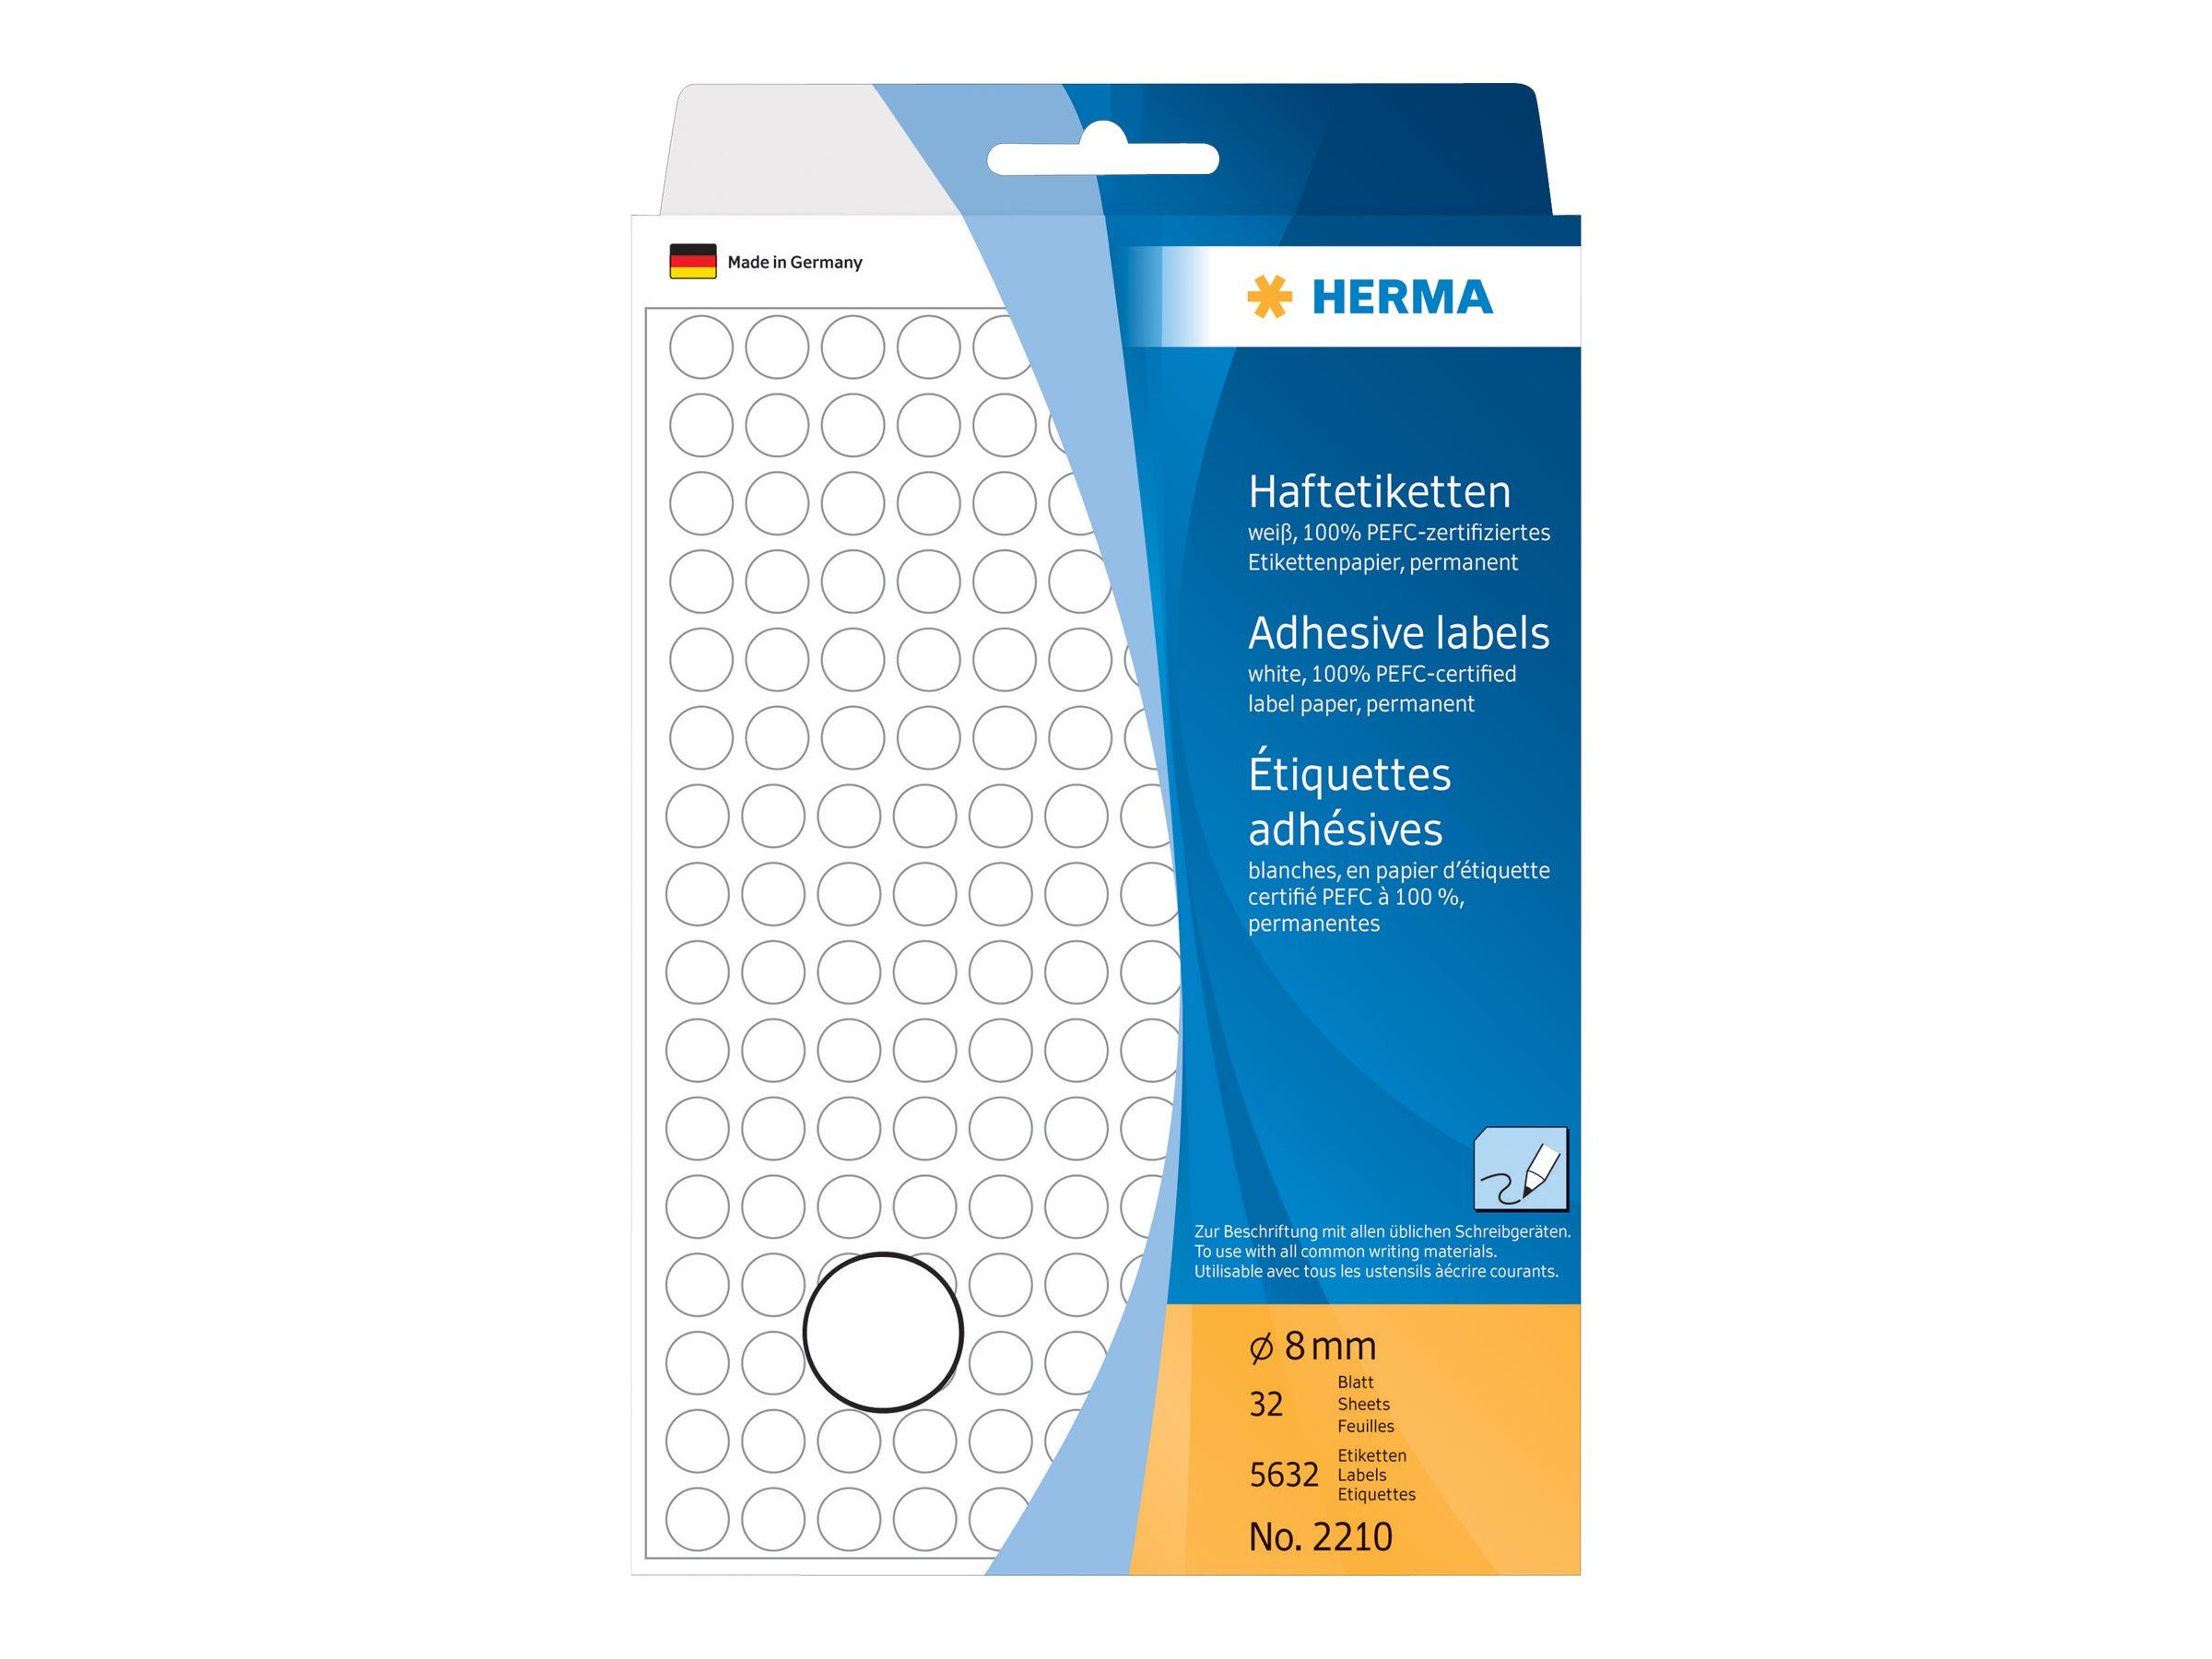 HERMA Weiß - 8 mm rund 5632 Etikett(en) (32 Bogen x 176)